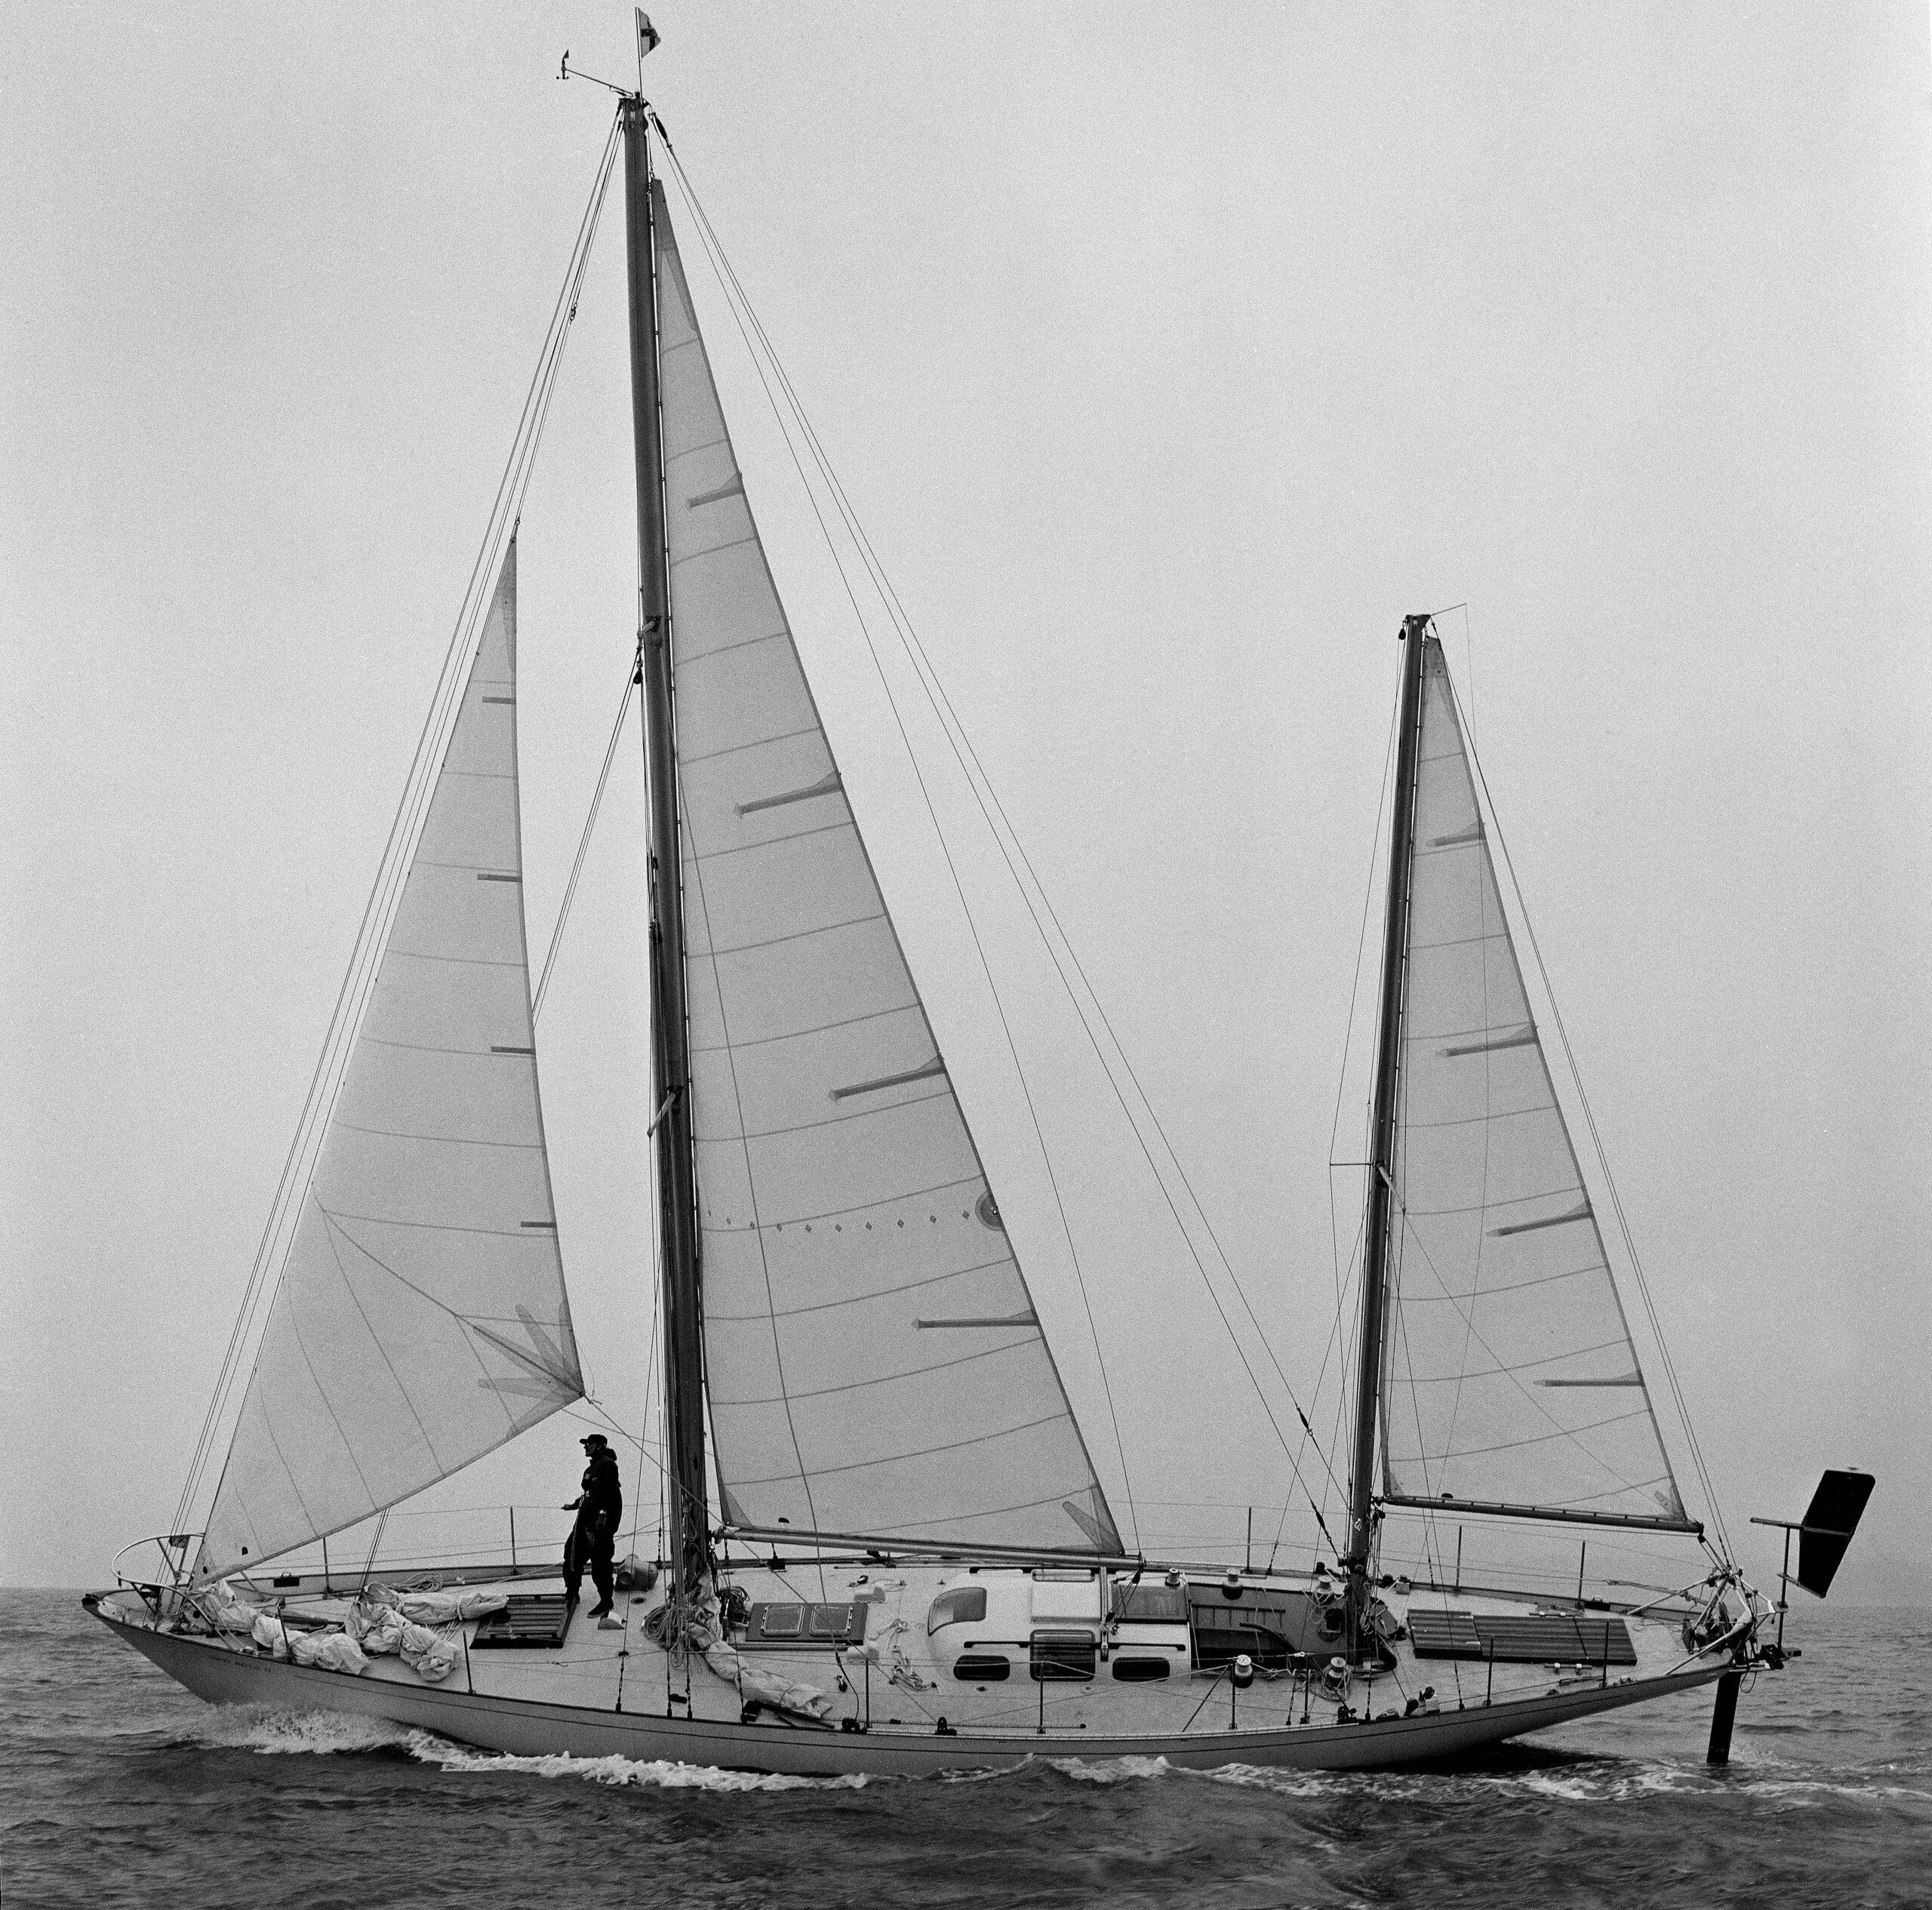 Chichester Gipsy Moth IV